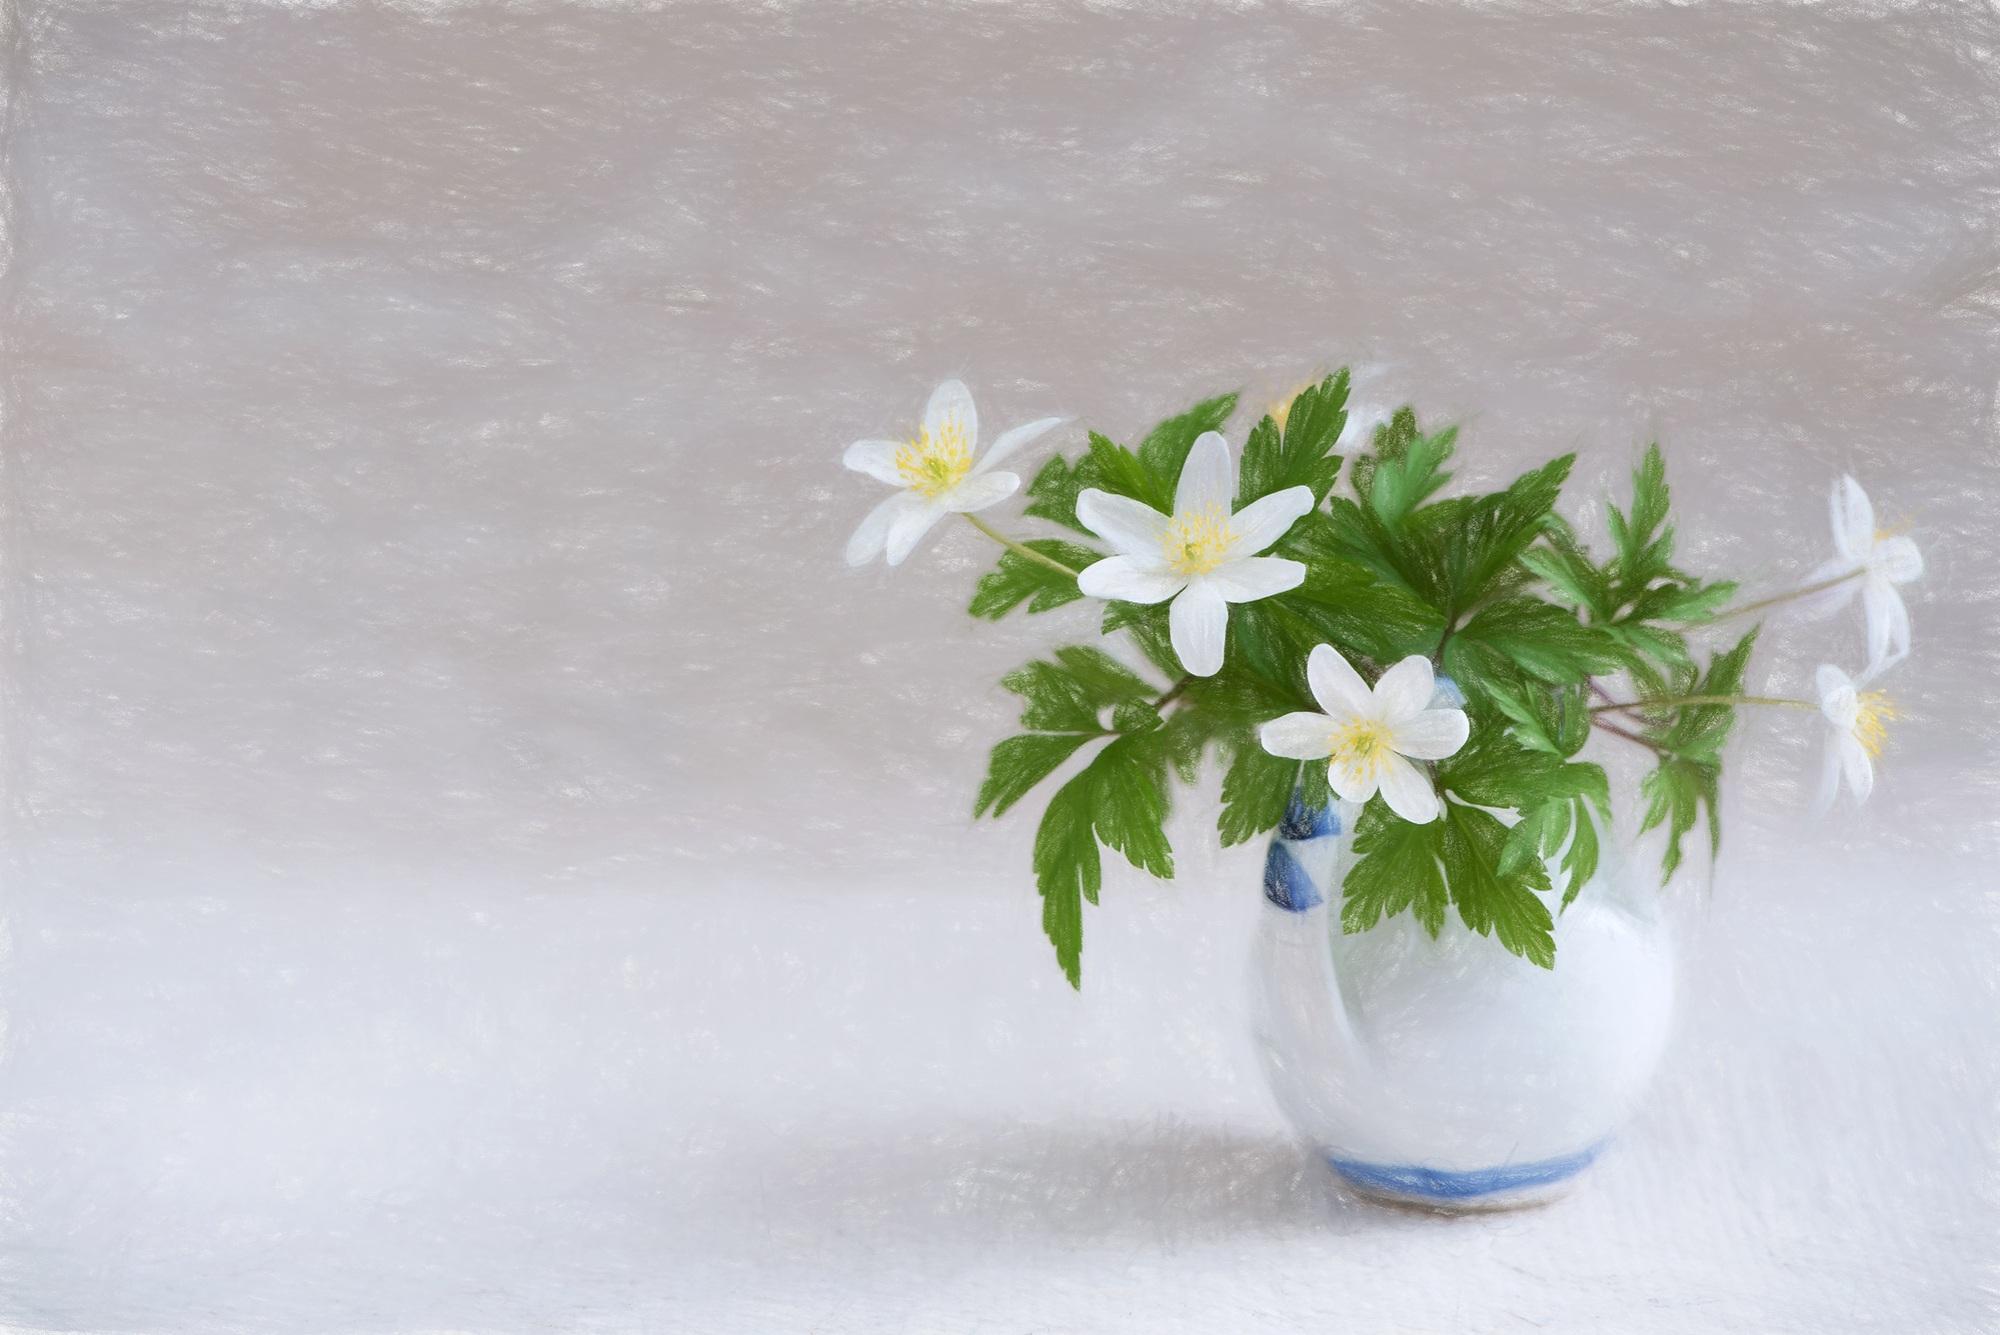 Bildet Anlegg Hvit Petal Vase Tegning Tegne Hvite Blomster Blomstrende Plante Forest